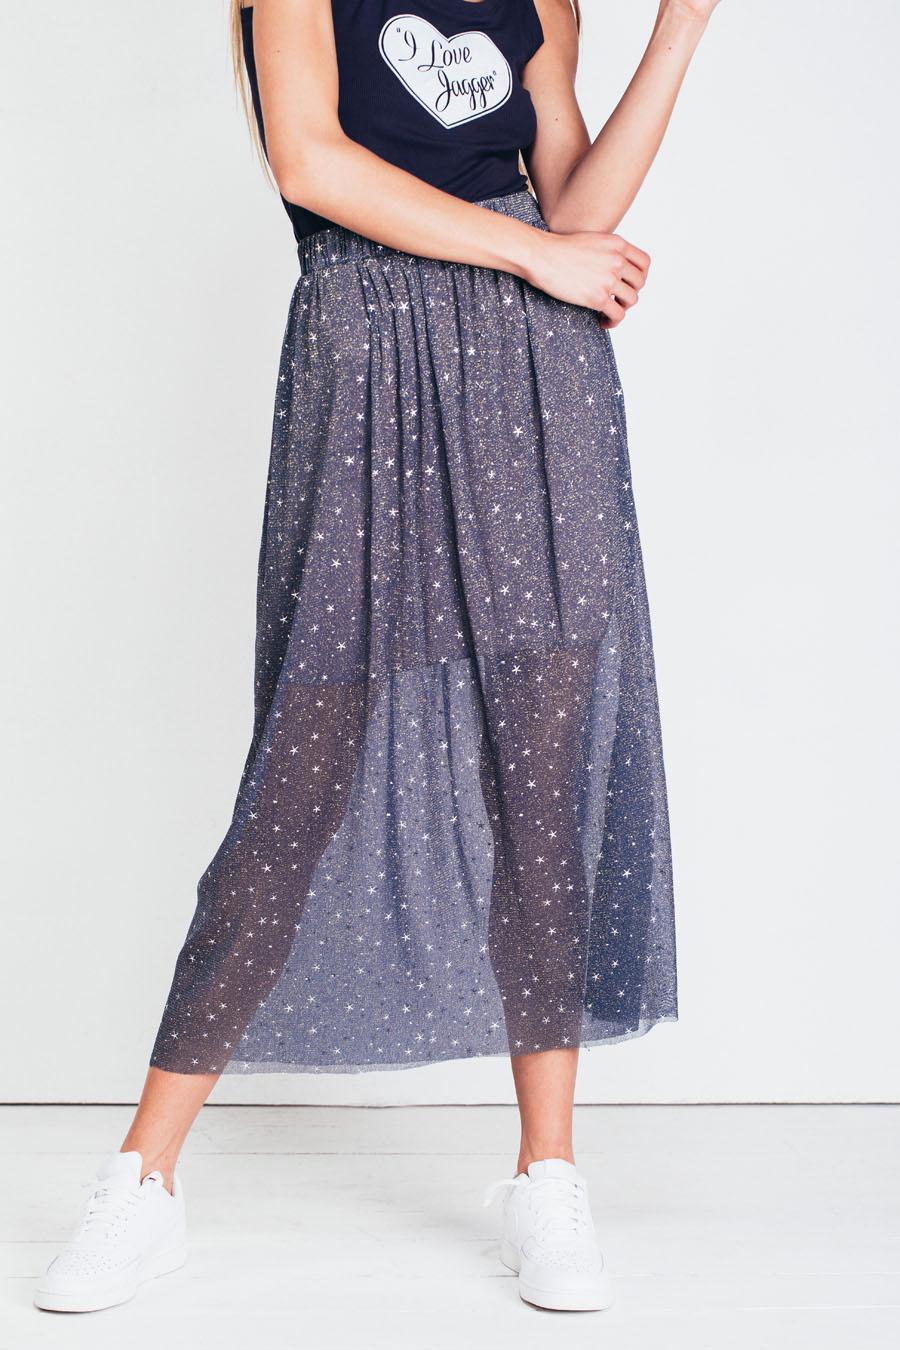 jagger zenska suknja kolekcija prolece leto 2021 ss 2021 kupi online jg 5513 09 6